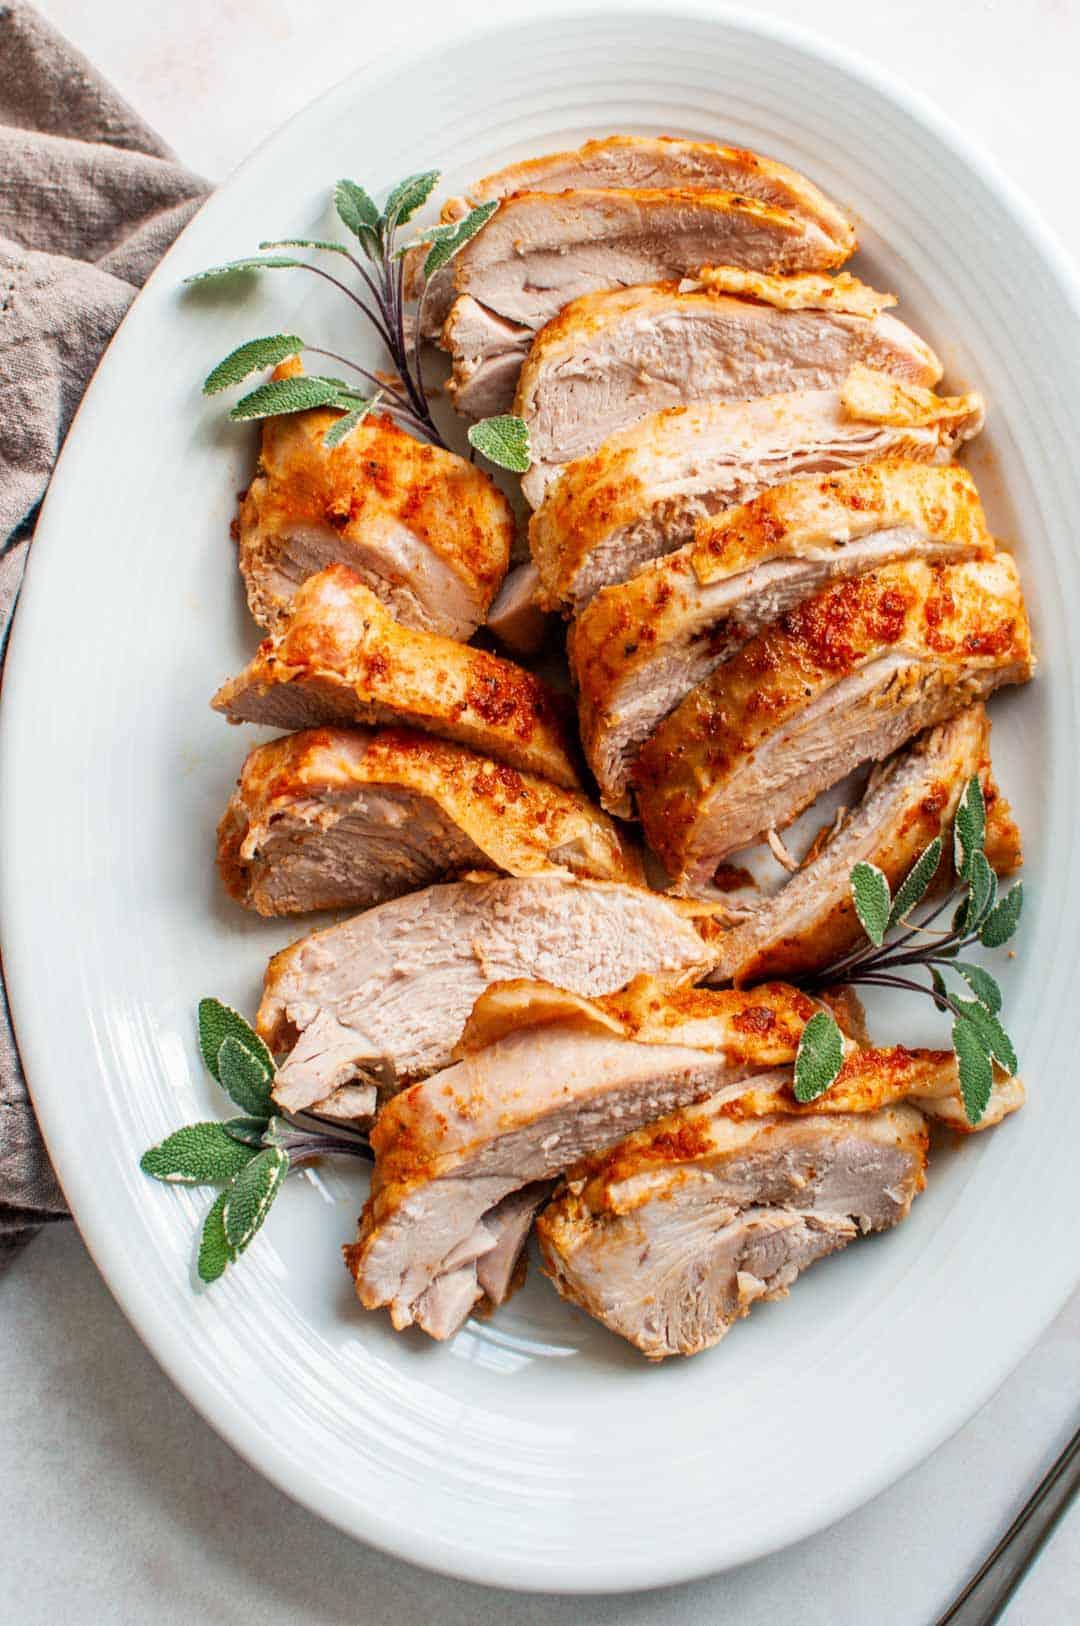 slow cooker turkey breast on a platter